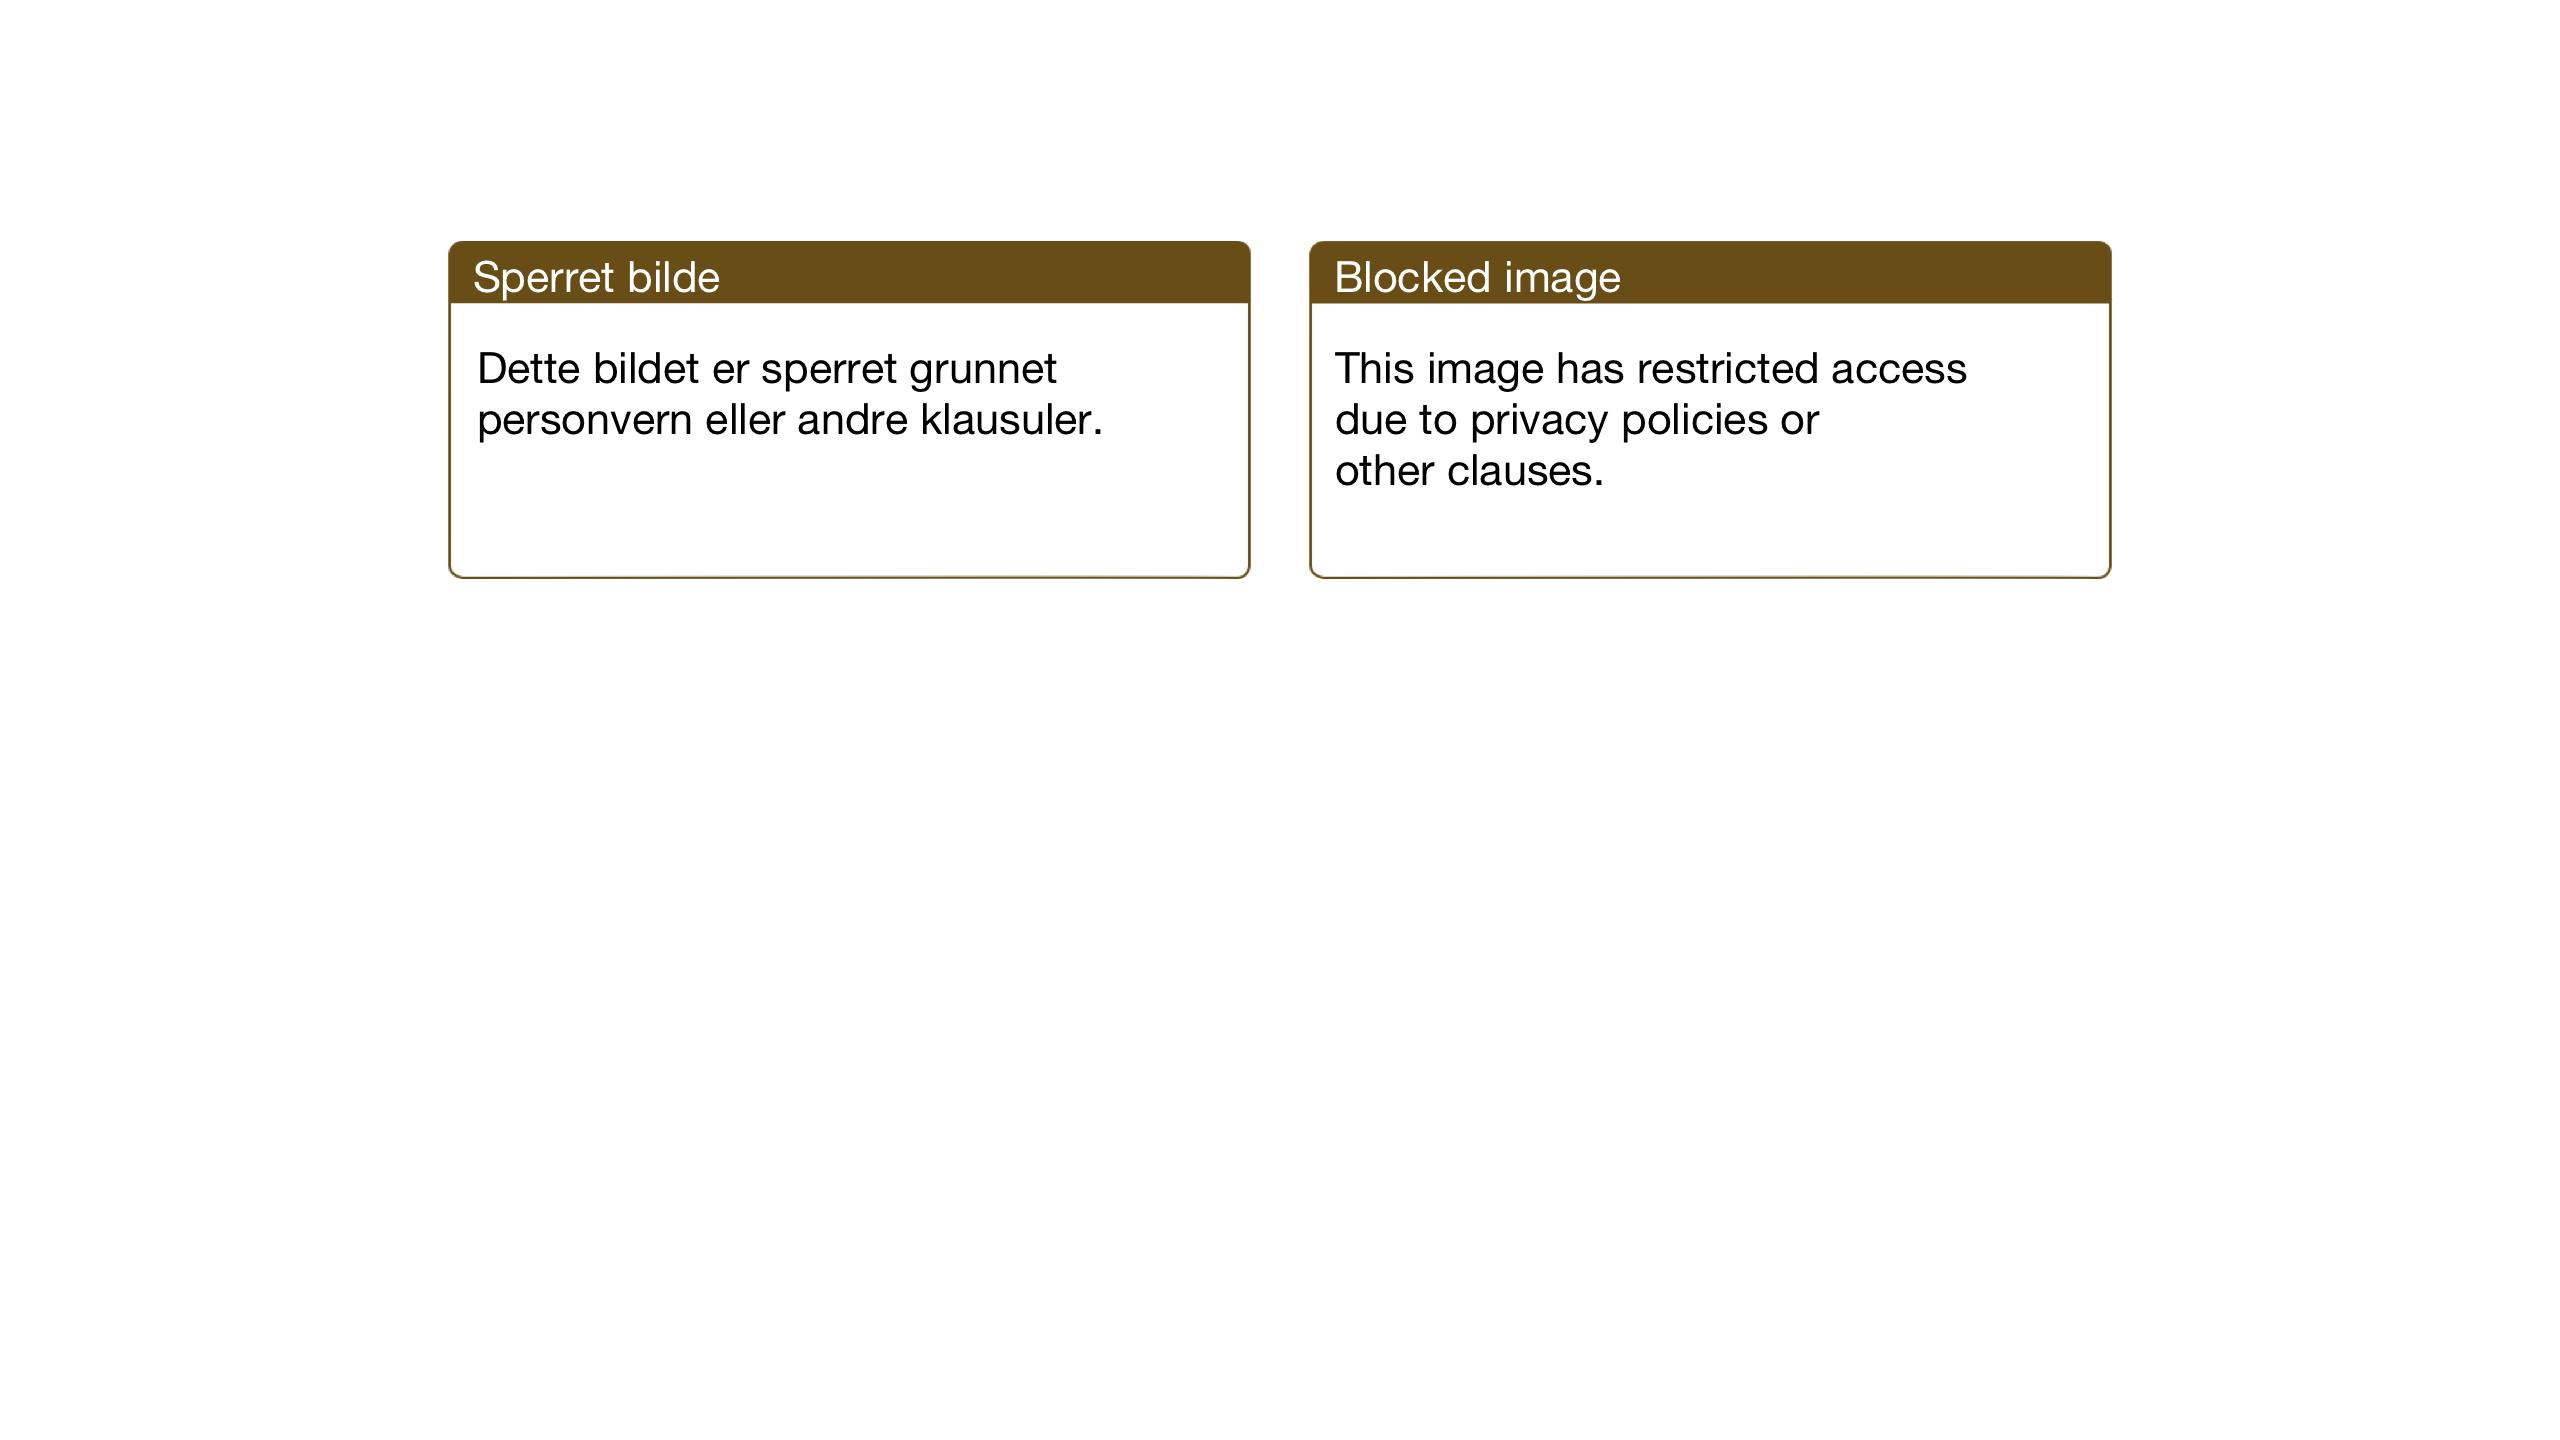 SAT, Ministerialprotokoller, klokkerbøker og fødselsregistre - Nord-Trøndelag, 722/L0227: Klokkerbok nr. 722C03, 1928-1958, s. 65